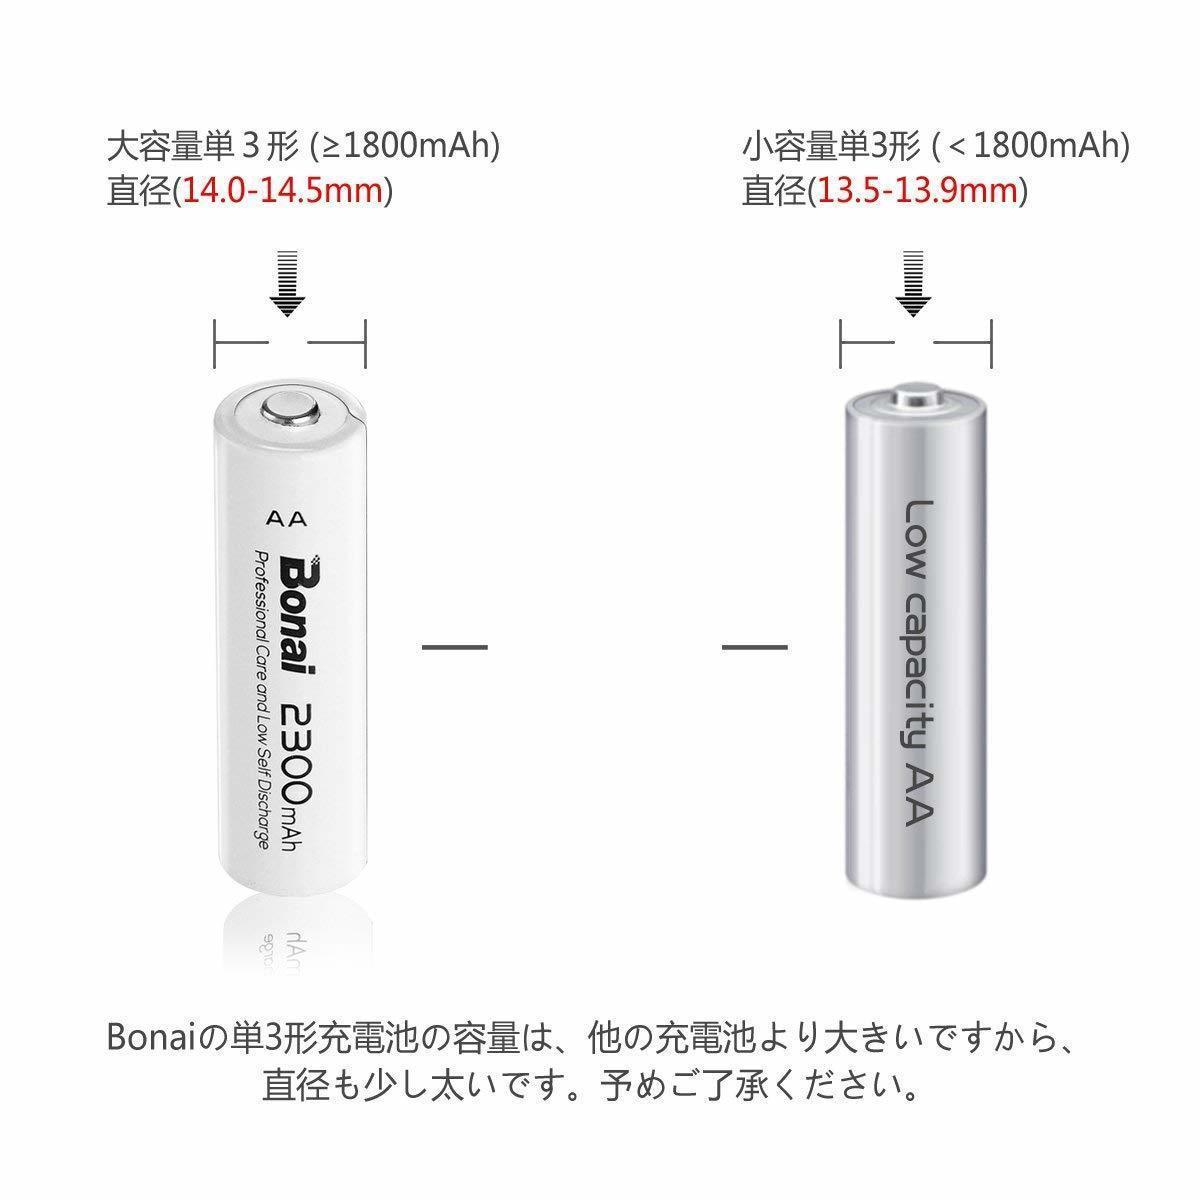 [新品/送料無料] Bonai 単3形 充電池 充電式ニッケル水素電池 16個パック PSE/CEマーキング取得 UL認証済(高容量2300mAh 約1200回使用可)_画像3